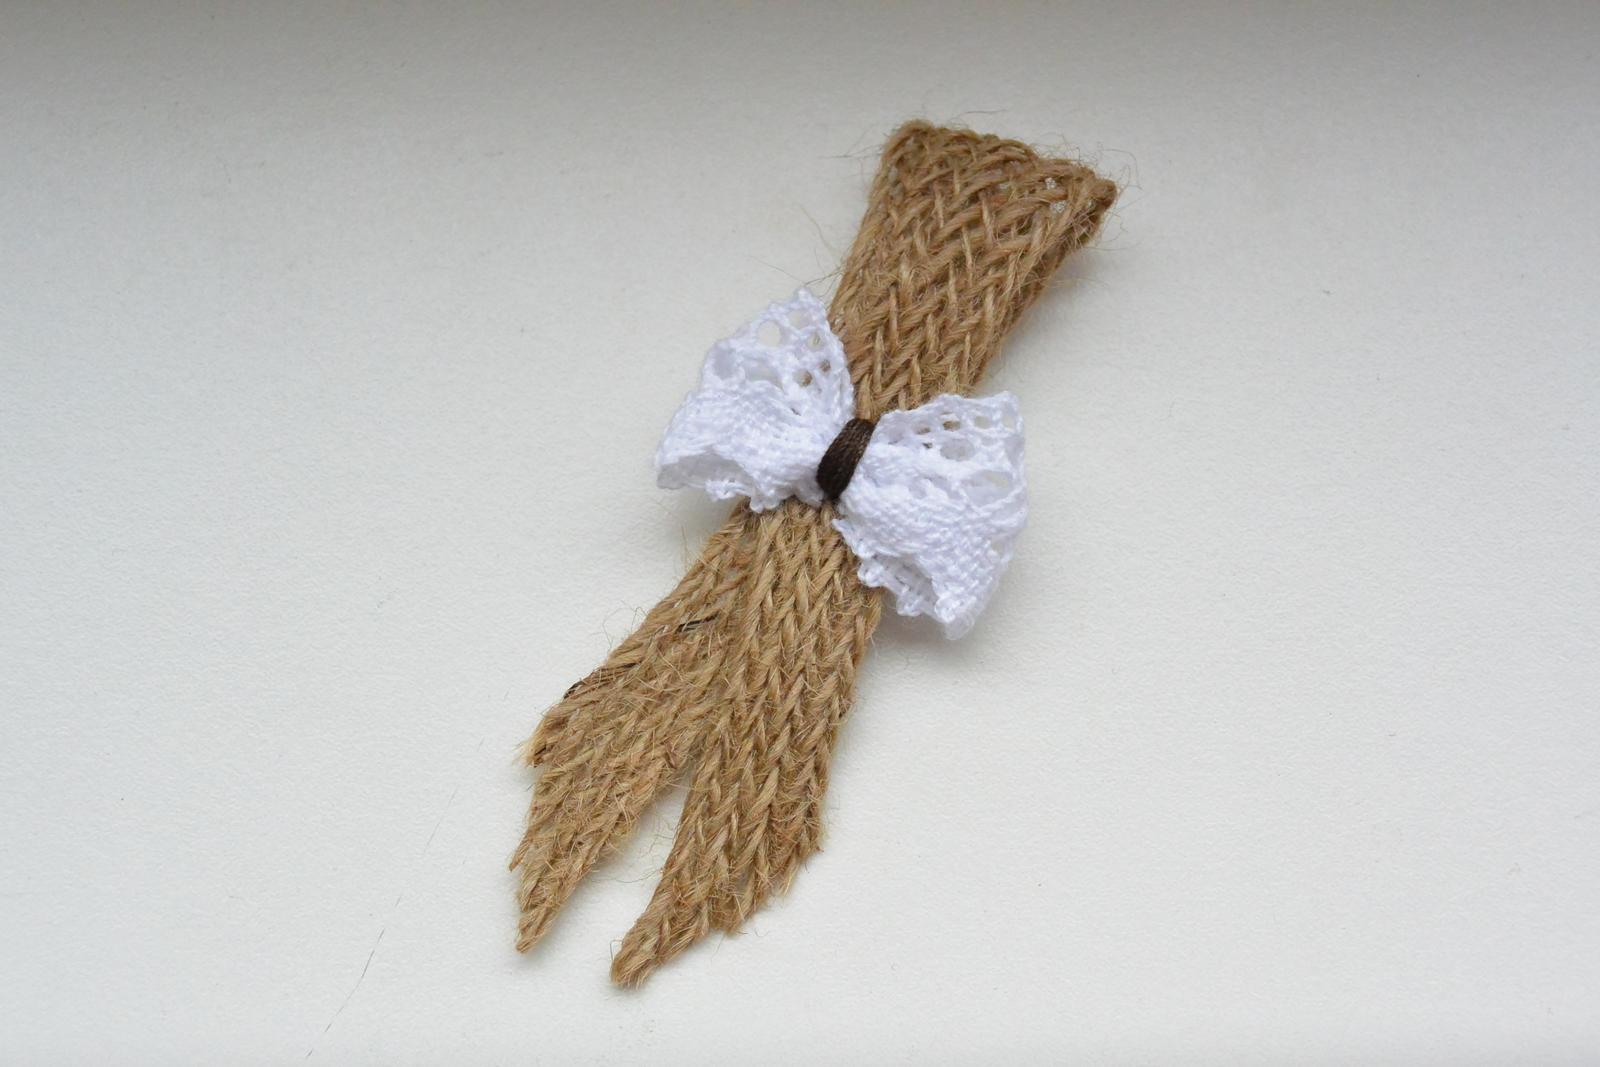 aguagulka - Obrázek č. 517